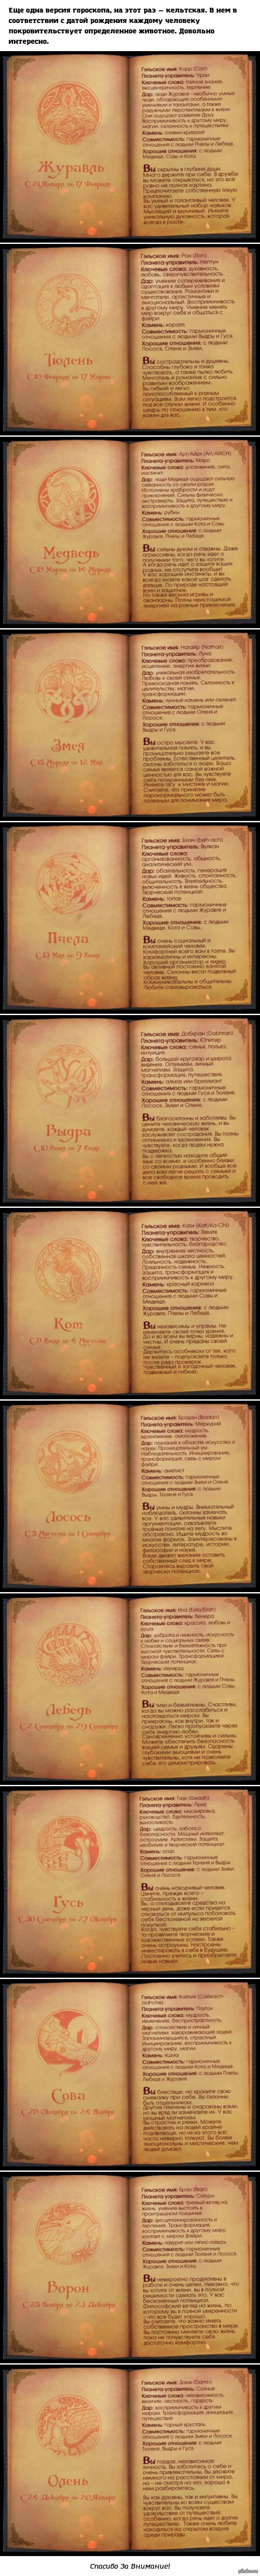 Кельтский гороскоп животных.